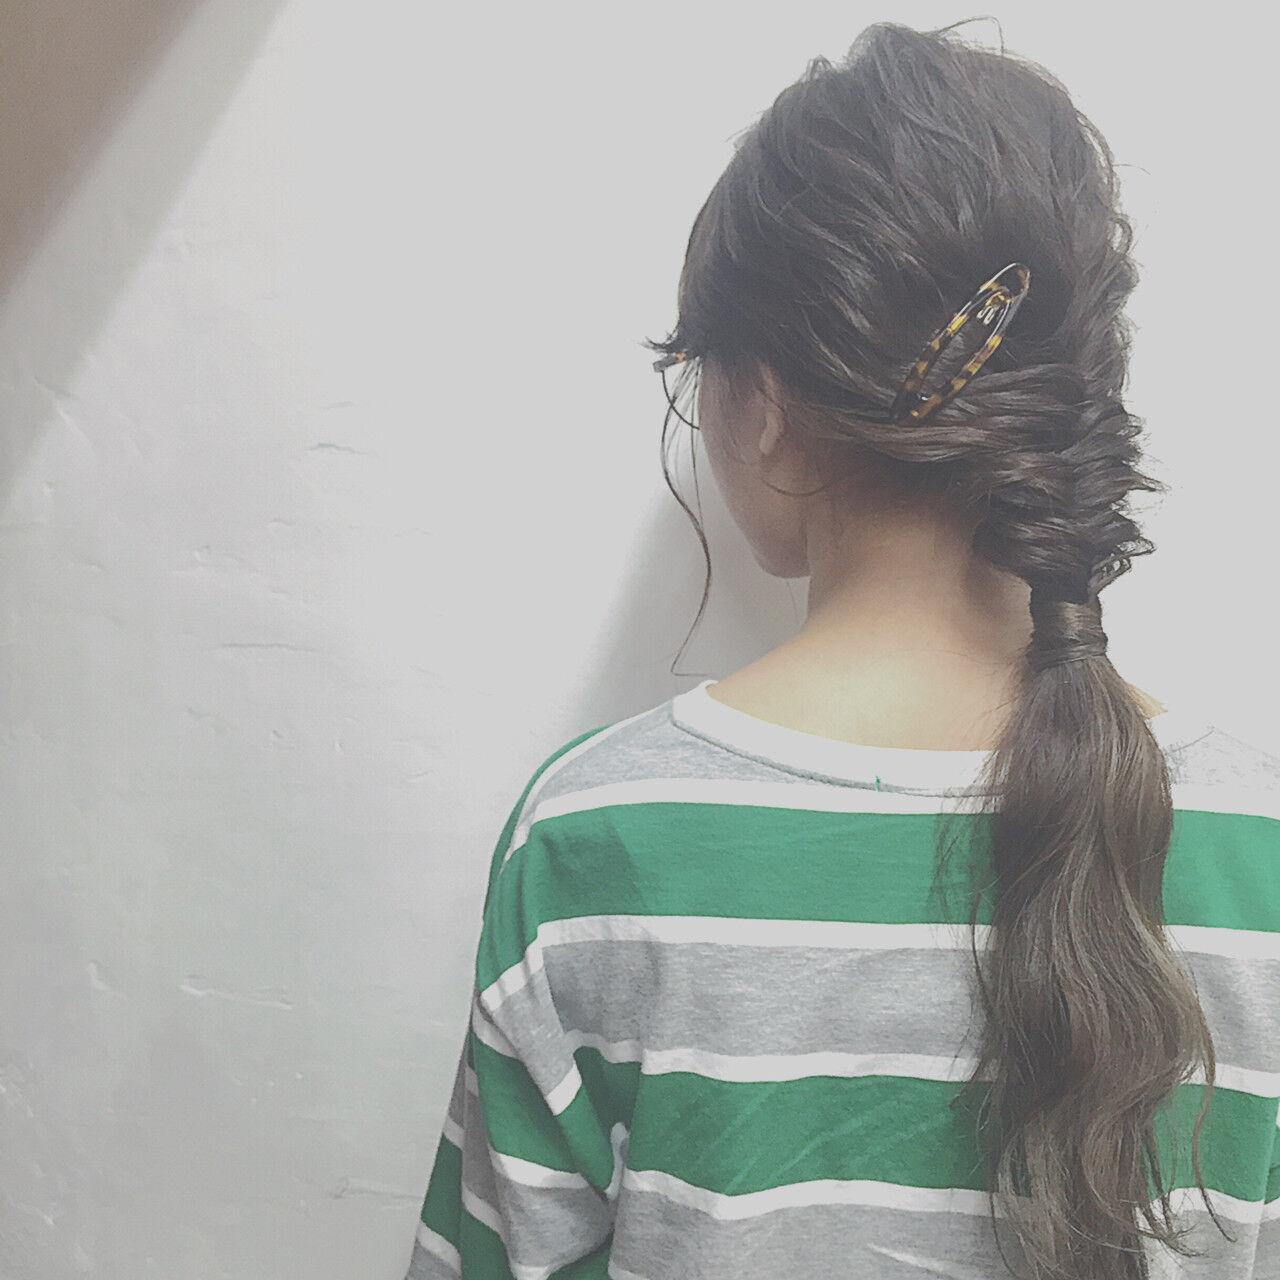 ヘアアレンジ 暗髪 外国人風 簡単ヘアアレンジヘアスタイルや髪型の写真・画像